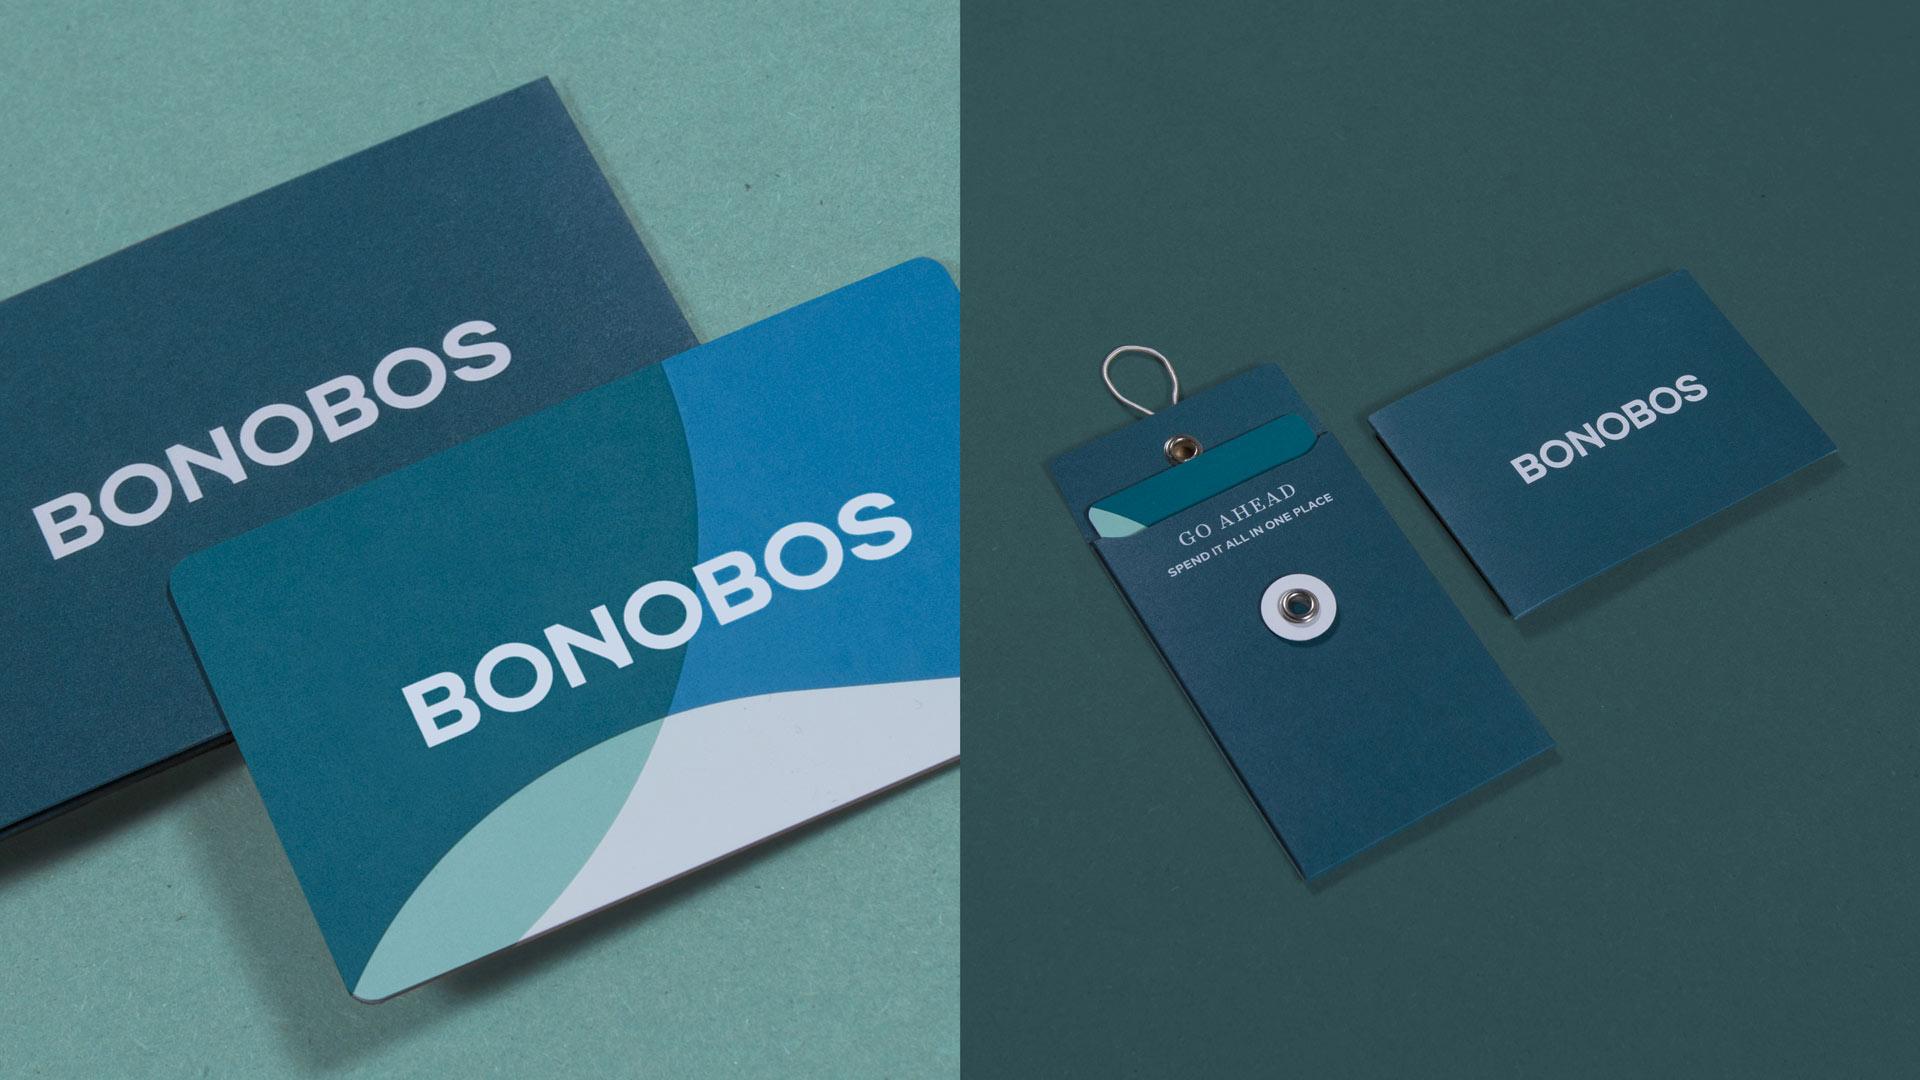 Preacher_Bonobos_6